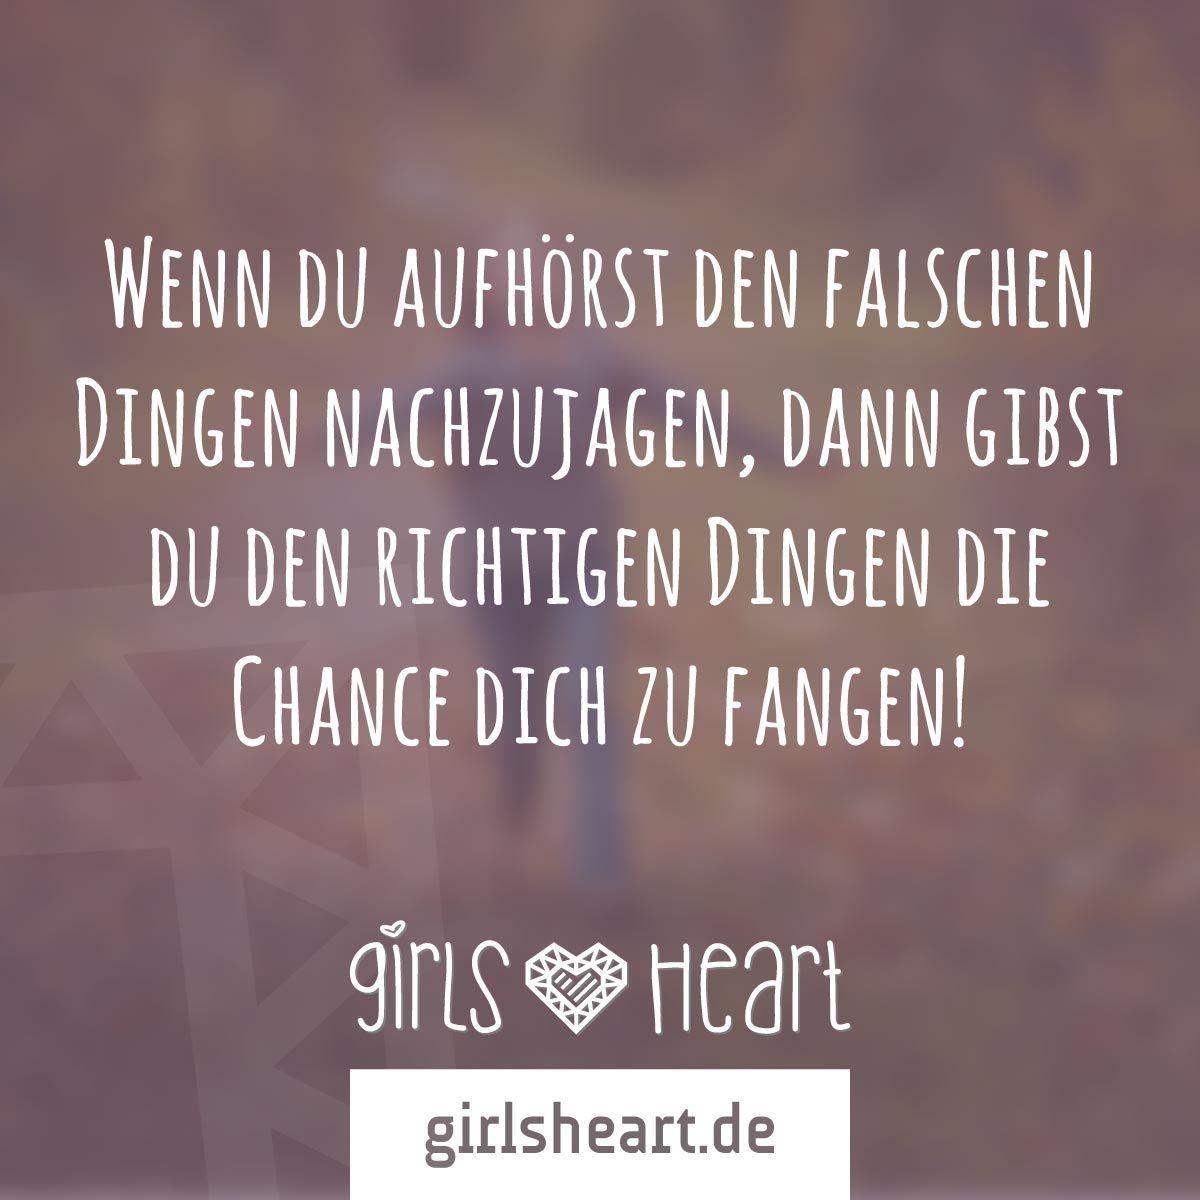 Mehr Sprüche Auf: Www.girlsheart.de #ziele #chancen #leben über Sprüche Über Das Leben Und Die Liebe